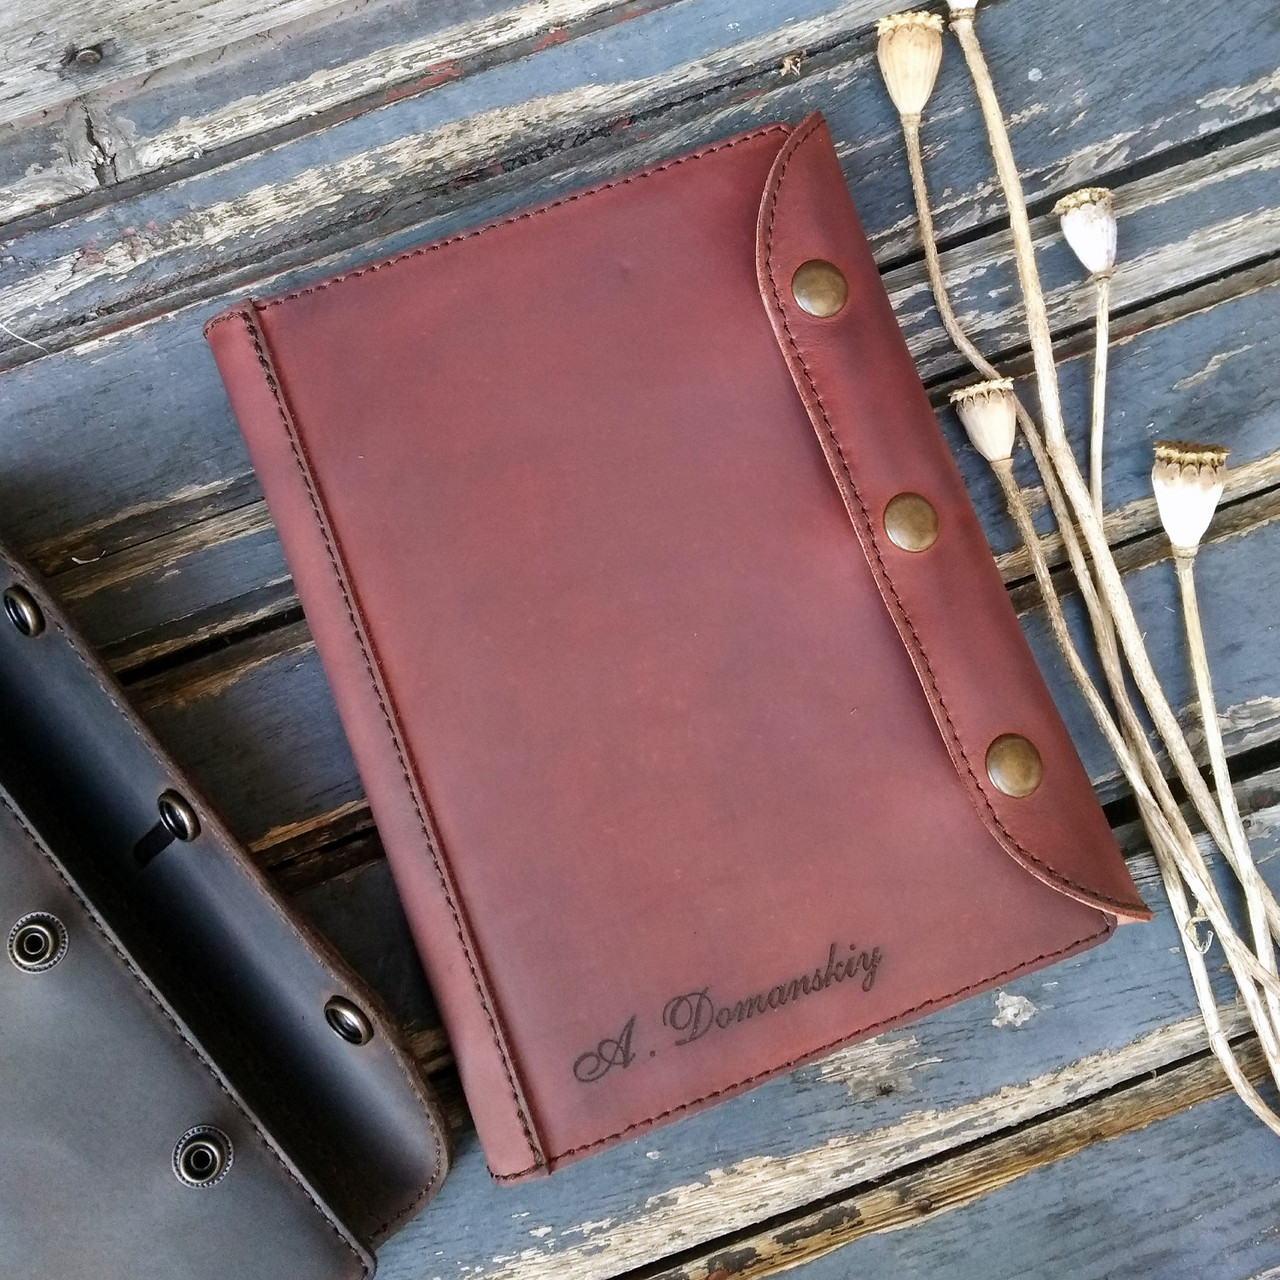 Ежедневник с кожаной обложкой. Обложка на блокнот. Лазерная гравировка изображений